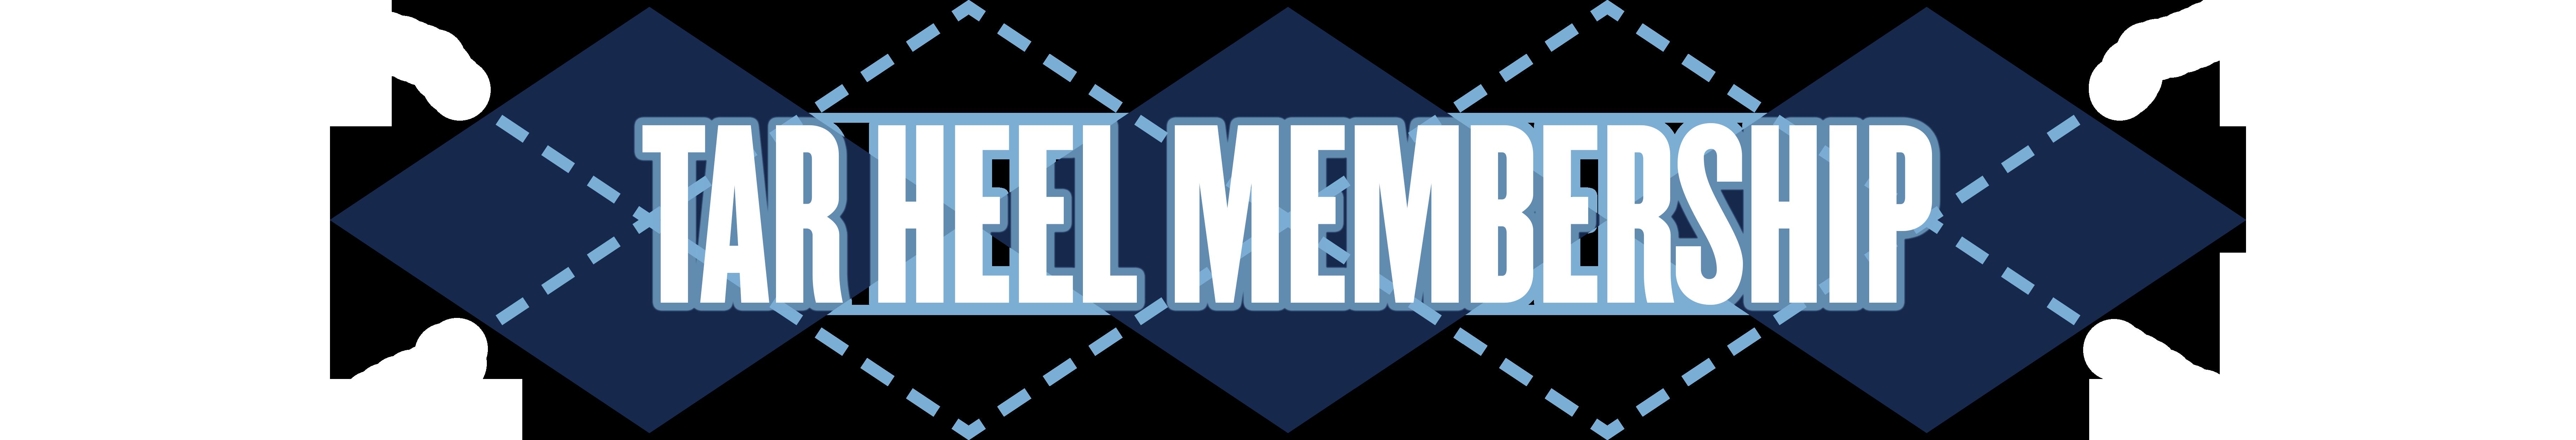 Tar Heel Membership